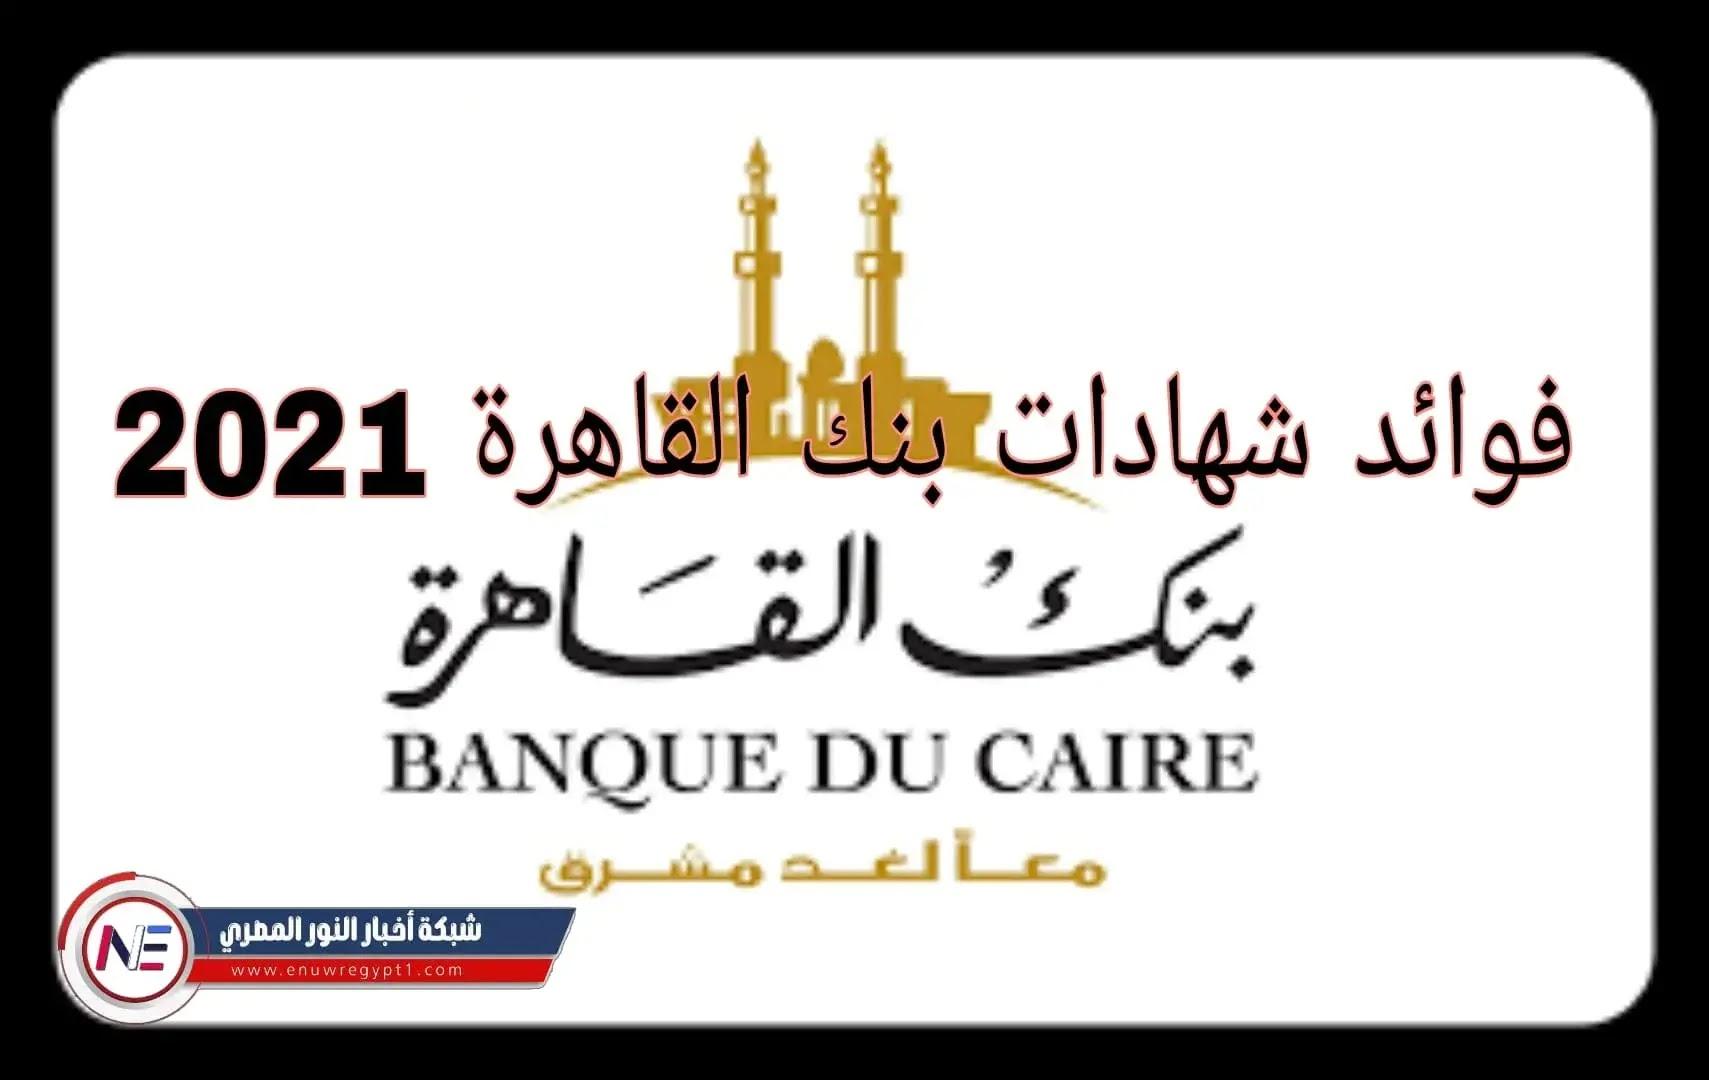 فوائد شهادات بنك القاهرة 2021 للأفراد وأبرز انواعها شهادة البريمو Primo بالتفاصيل واسعار الفوائد